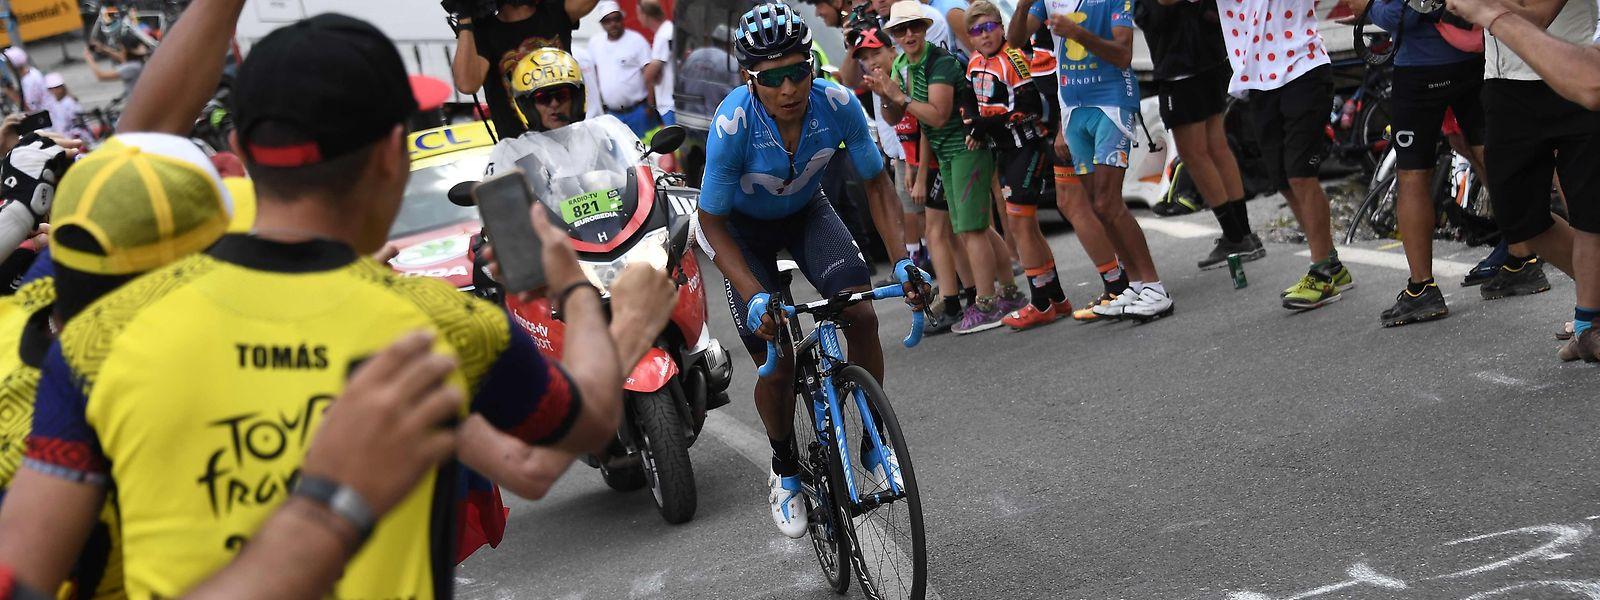 Nairo Quintana a placé son attaque décisive à un peu plus de 7 km du sommet du Galibier.